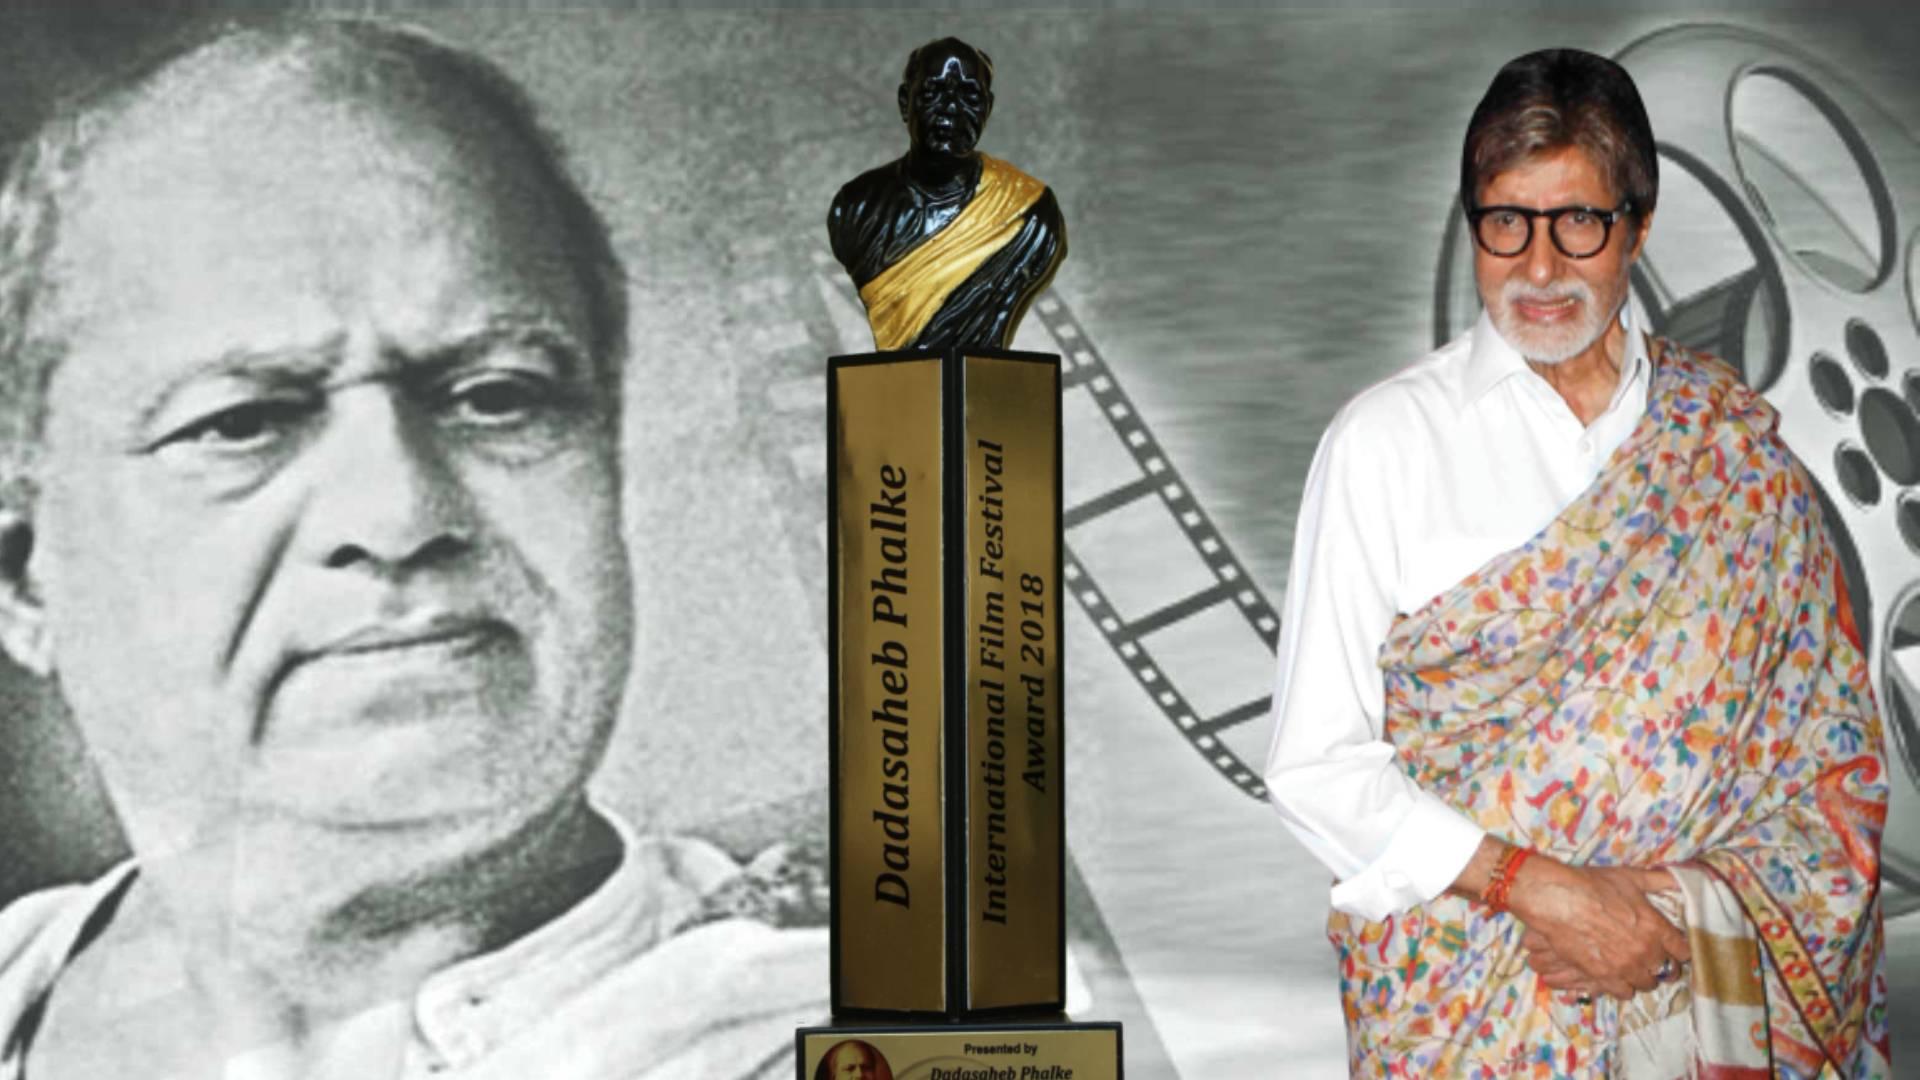 अमिताभ बच्चन से पहले इन दिग्गजों के नाम रहा दादा साहब फाल्के पुरस्कार, यहां जानिए 65 हस्तियों की पूरी लिस्ट